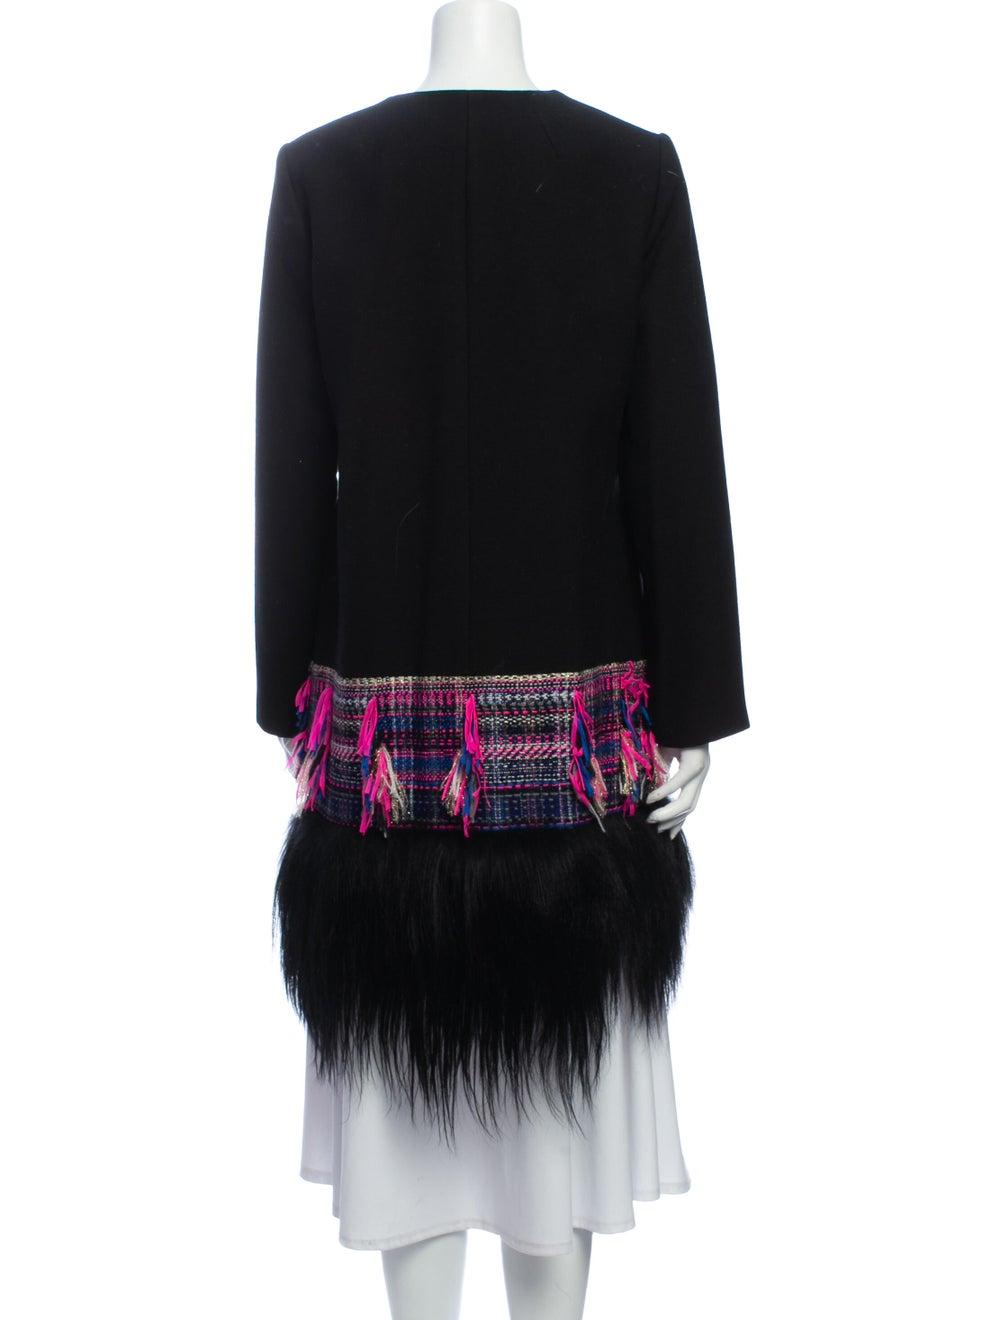 Milly Tweed Pattern Coat Black - image 3